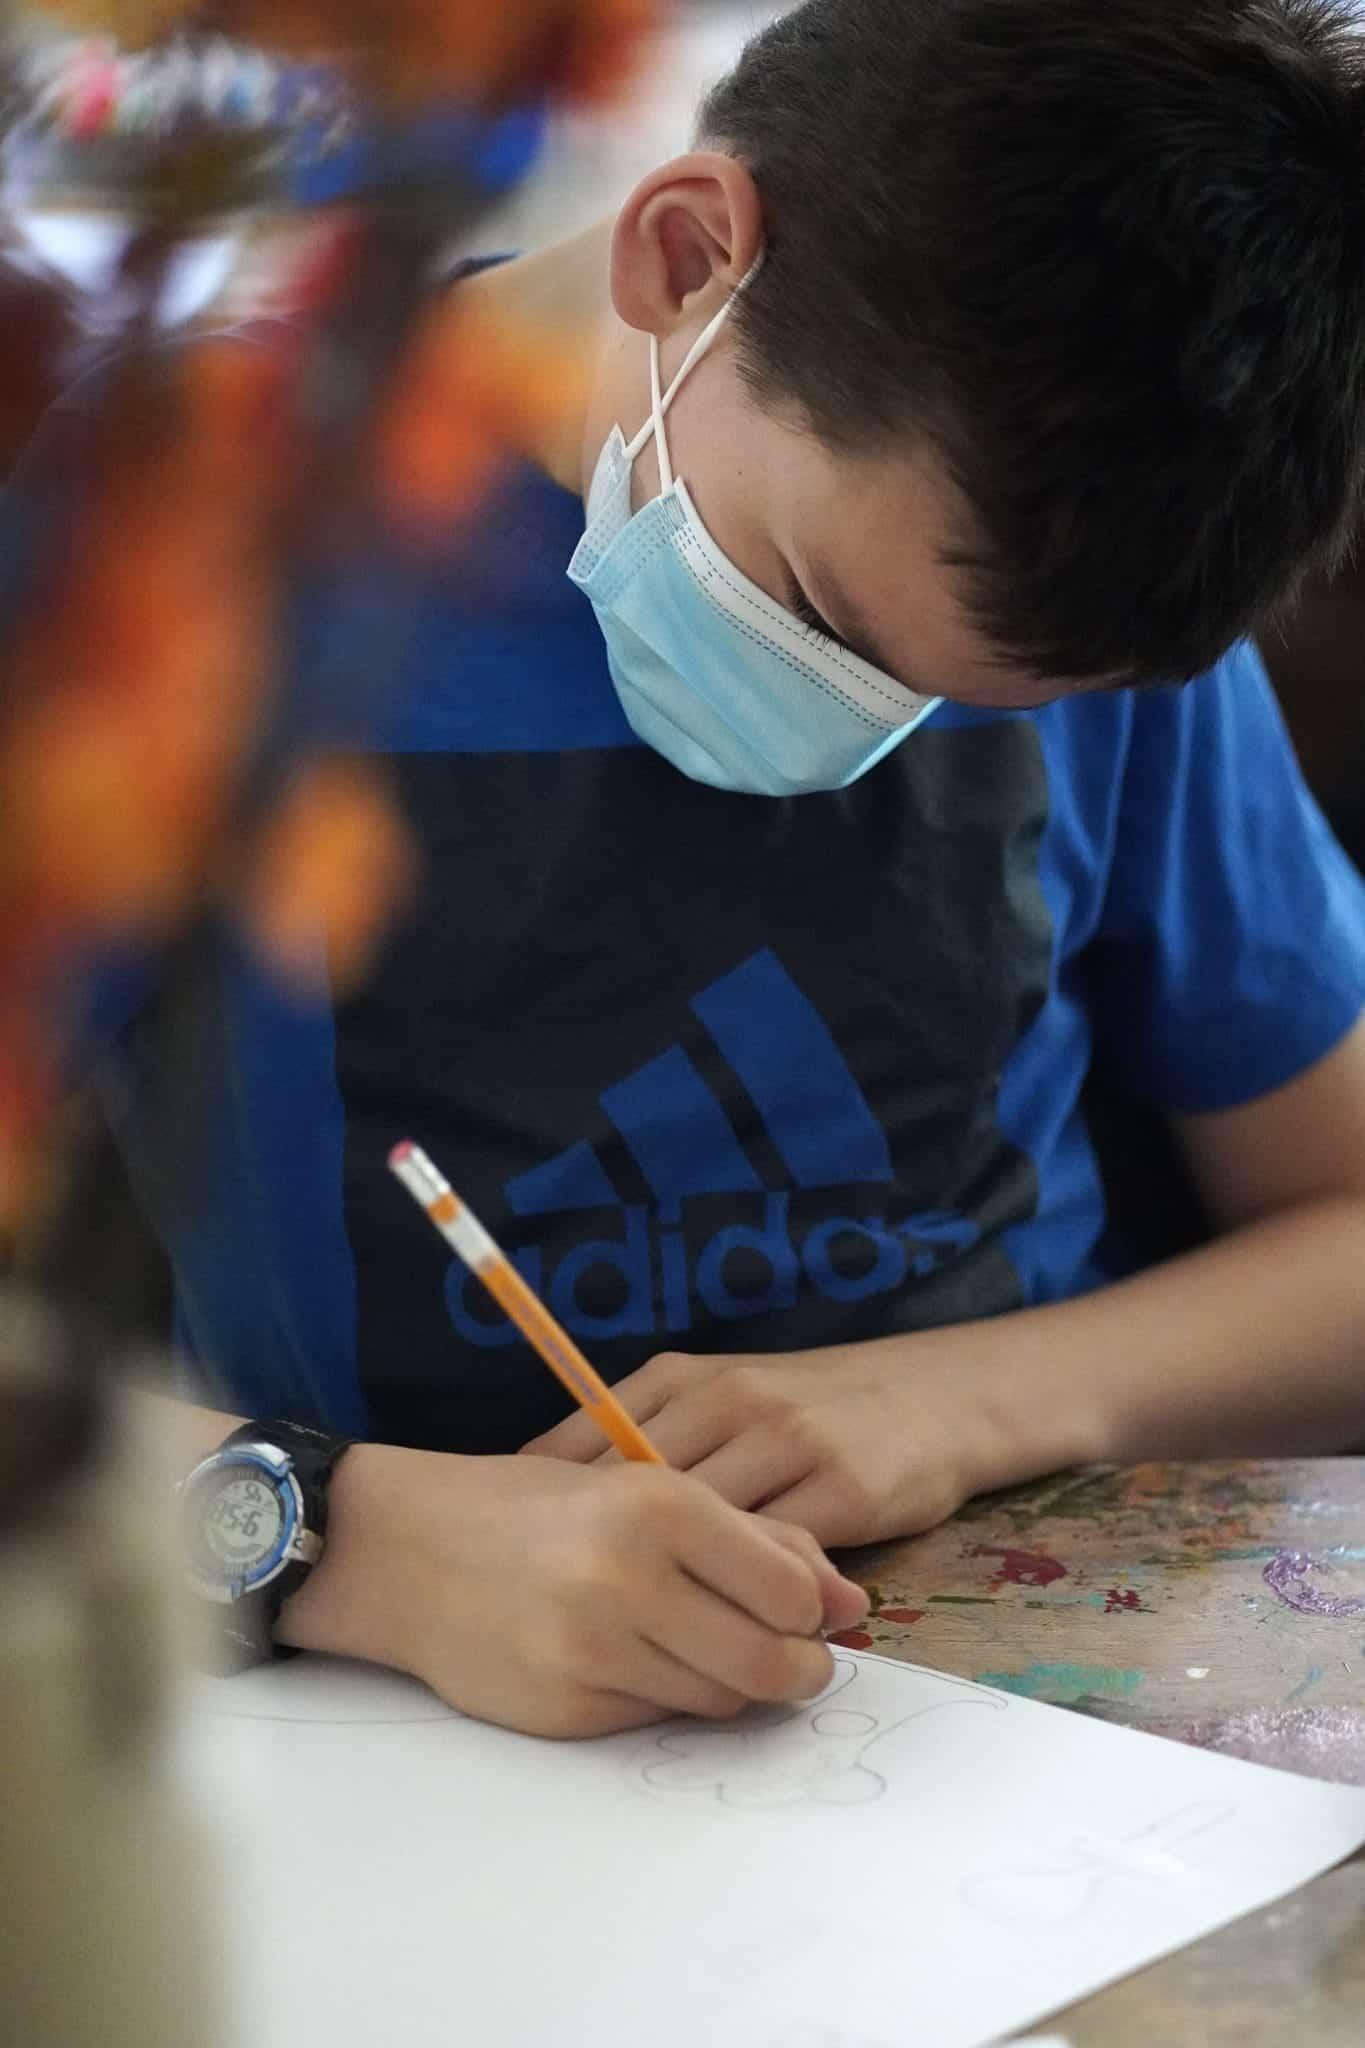 un élève dessine avec un crayon de bois